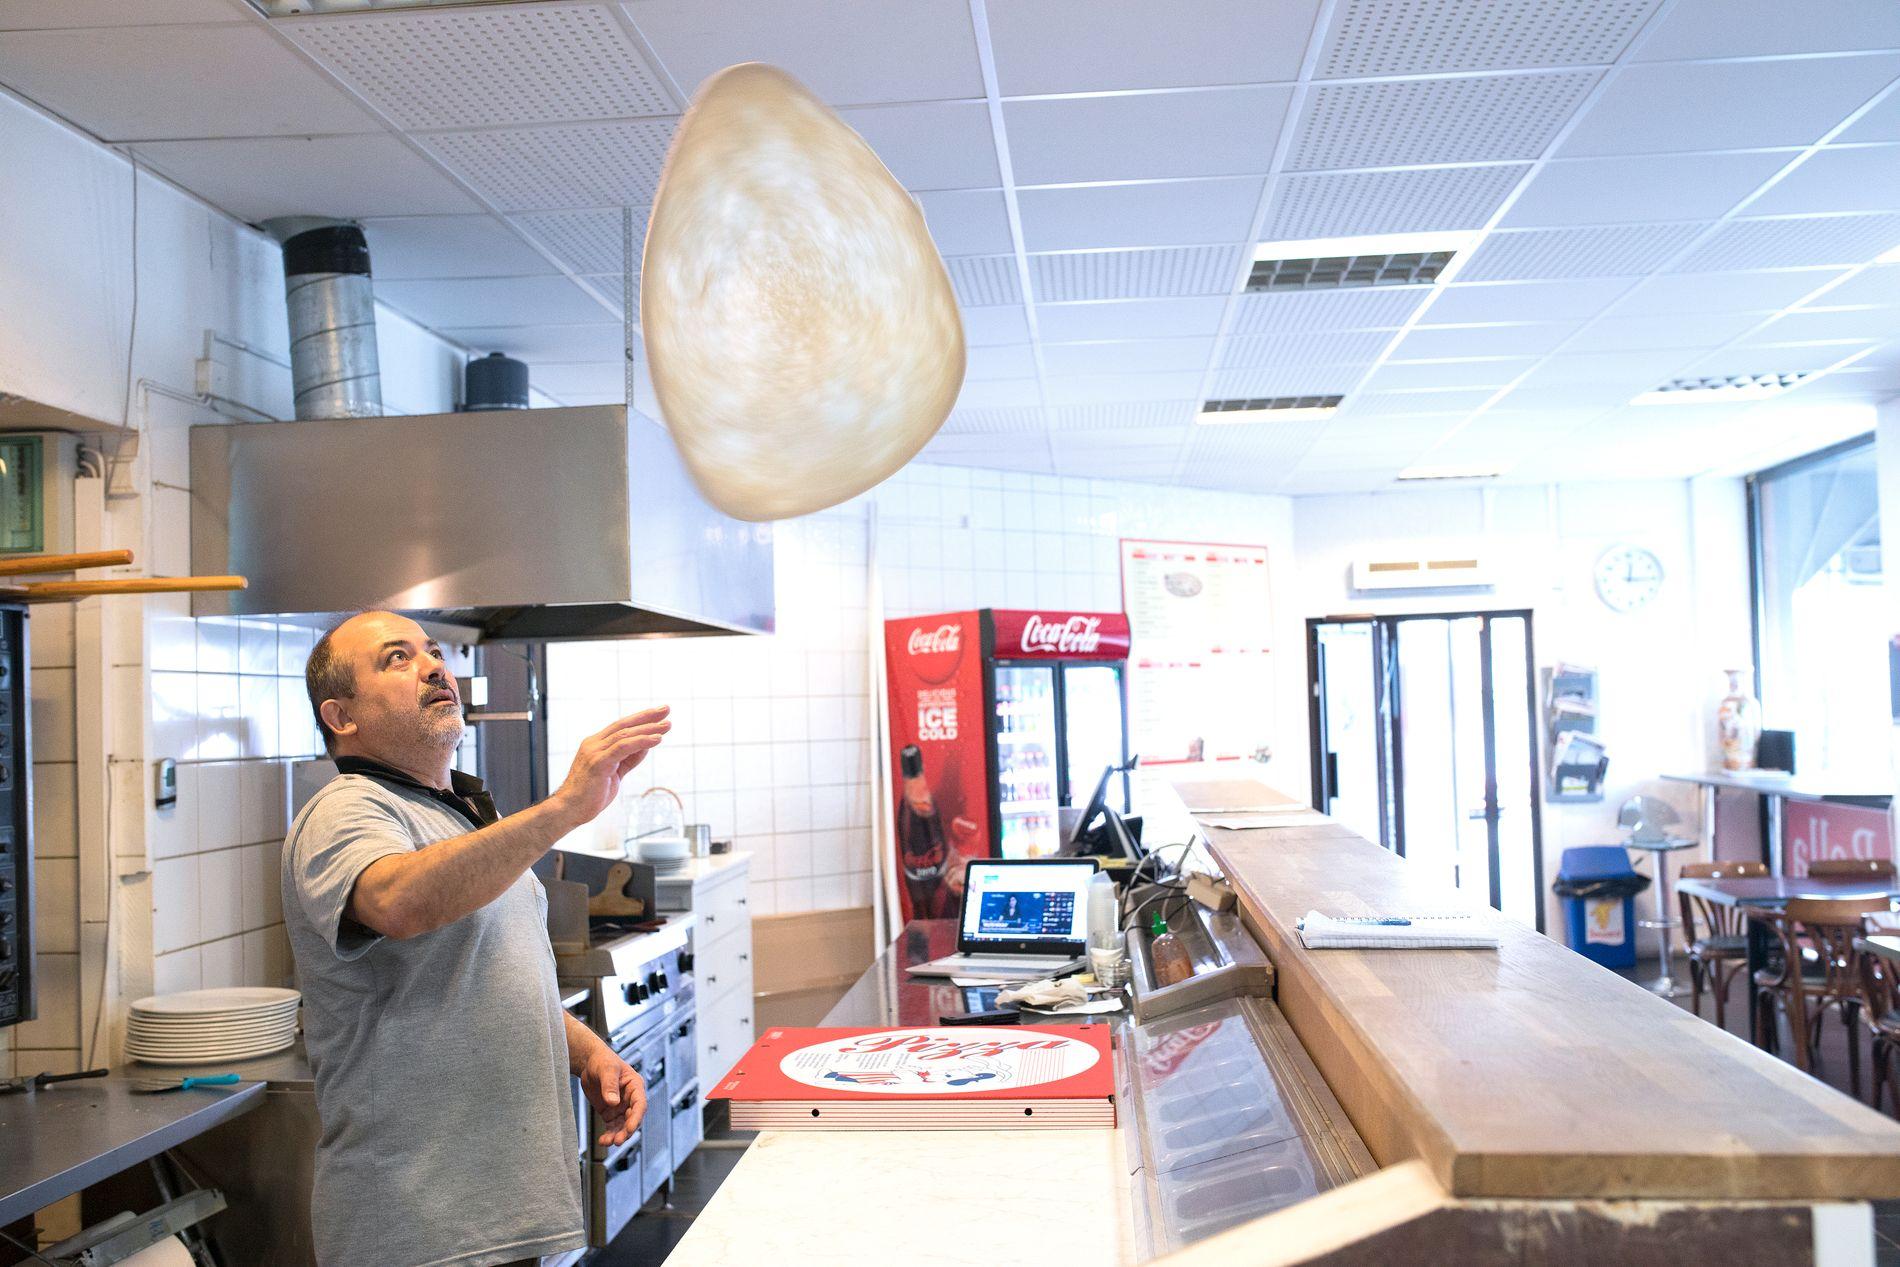 PIZZABYEN: – I en omkrets av 200–300 meter finnes det over 10 kebab og pizzarestauranter – det er mye, forteller Mustafa Akin (56) hos LaBella til VG. På kampdager merker vi at det blir et ekstra trykk i restauranten, forteller Akin.